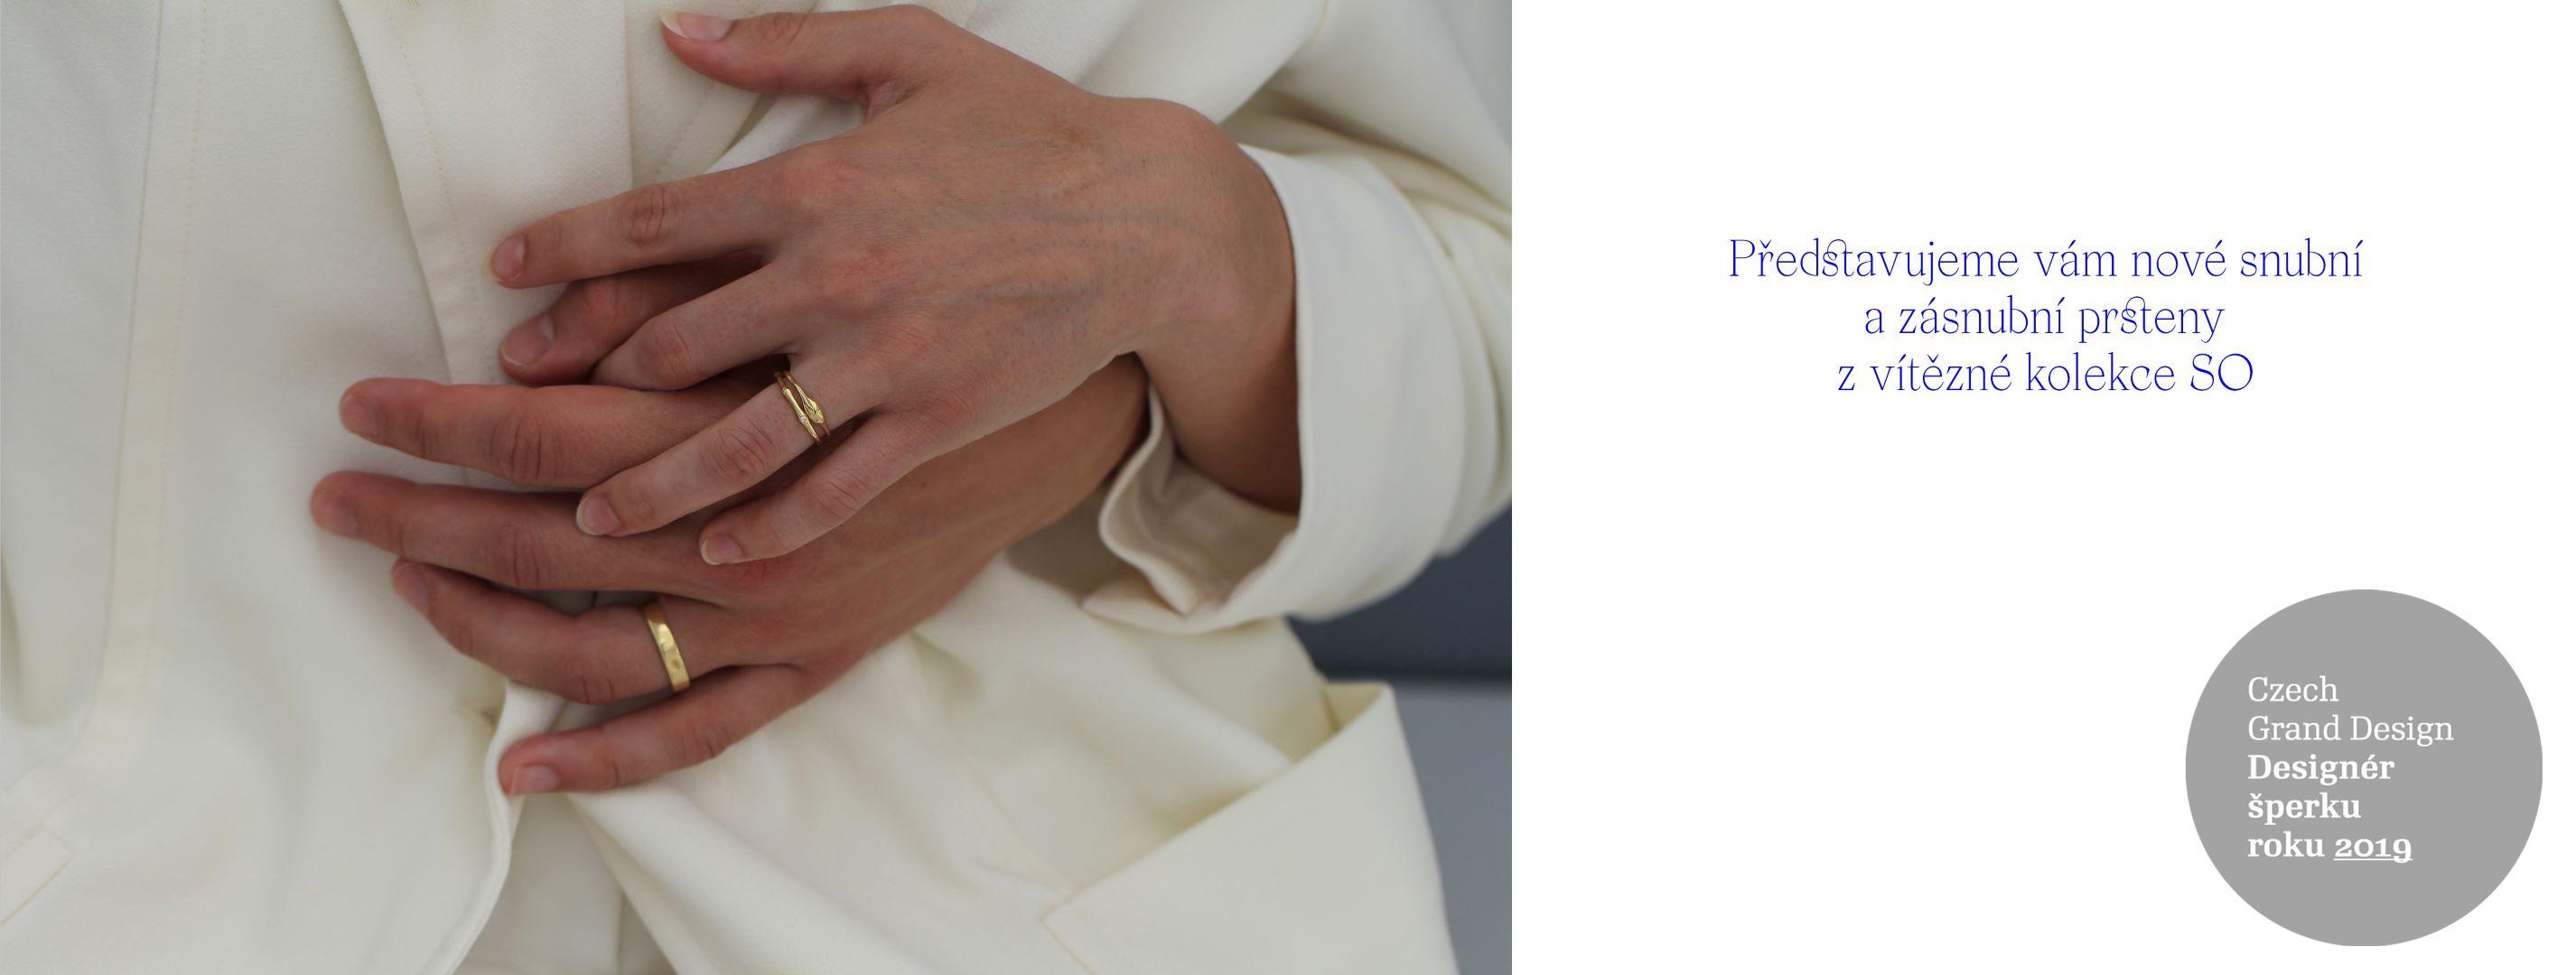 Snubni prsteny So - Eliska Lhotska